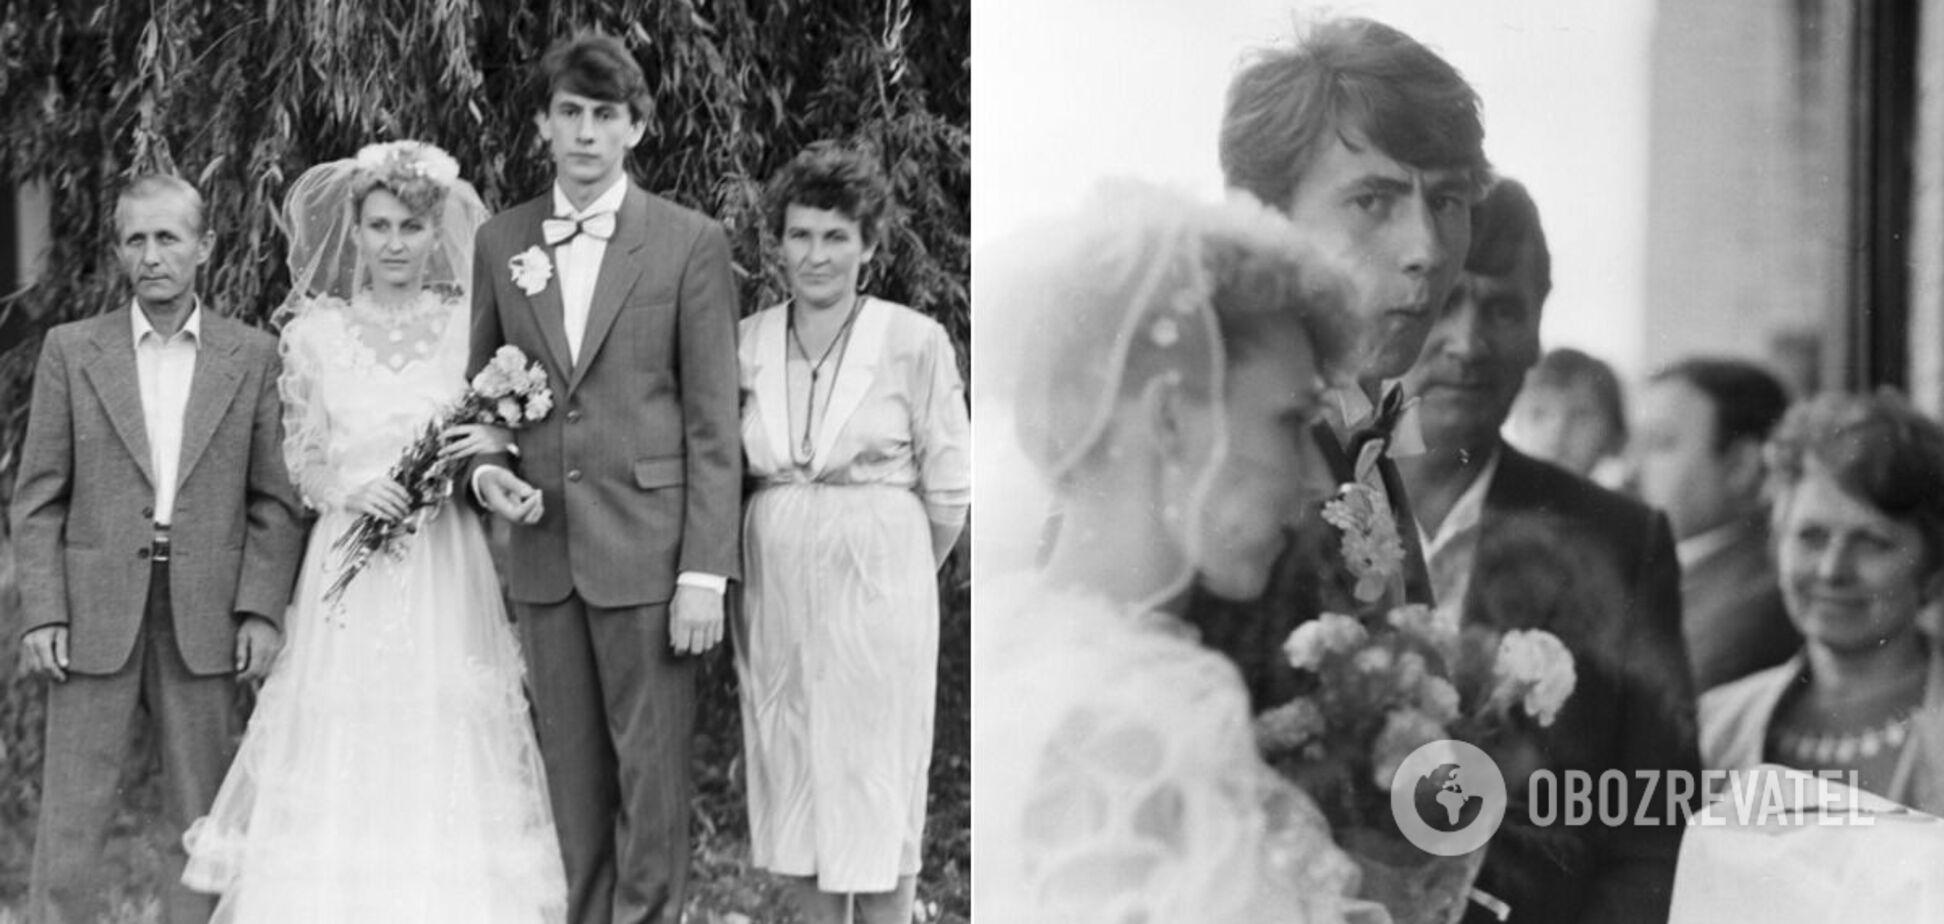 Весілля в СРСР